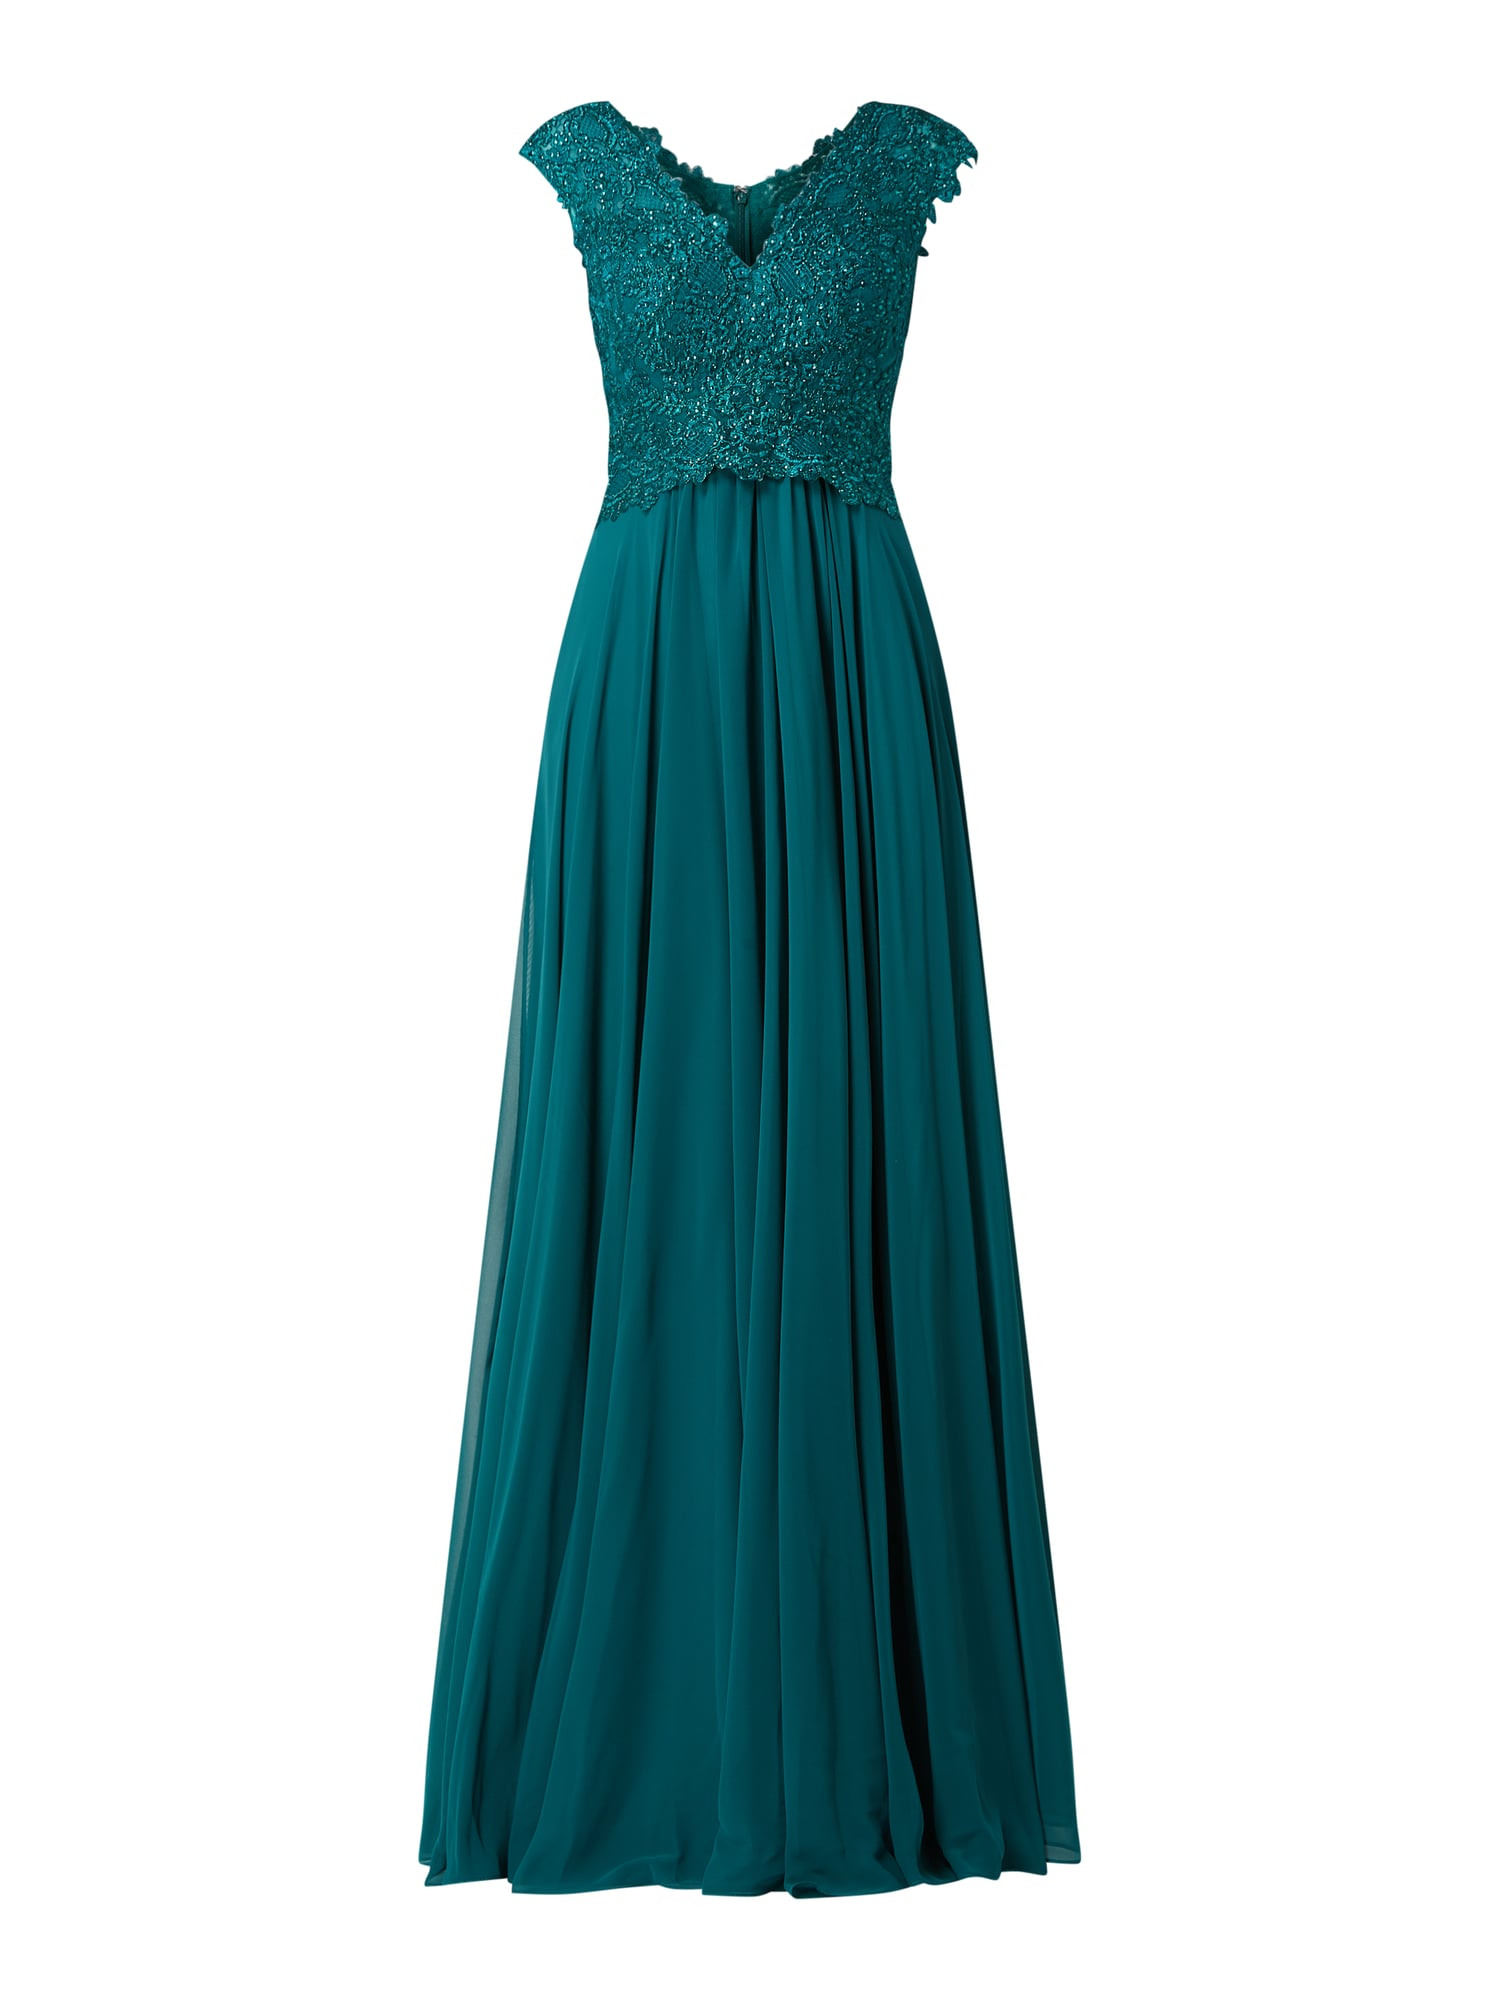 13 Spektakulär Luxuar Limited Abendkleid StylishAbend Schön Luxuar Limited Abendkleid Design